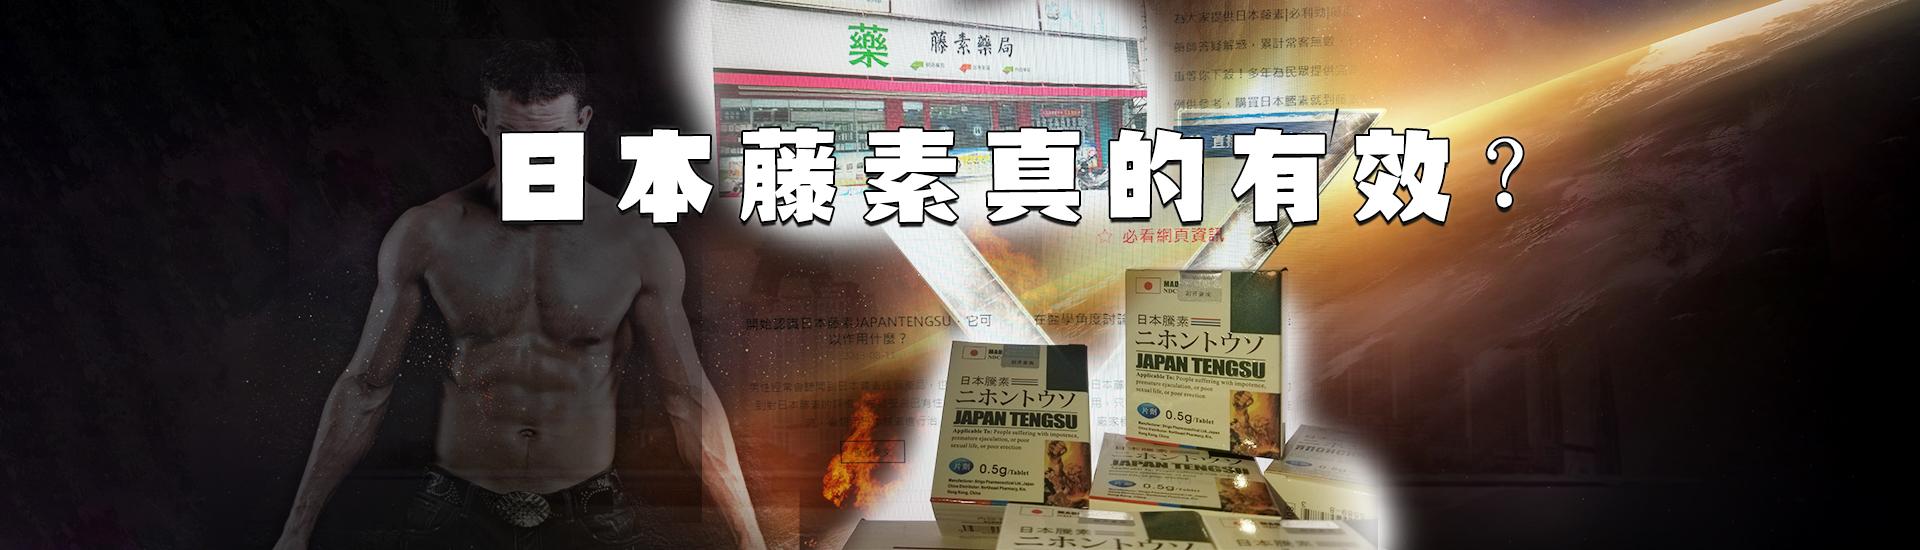 日本藤素真的有效嗎